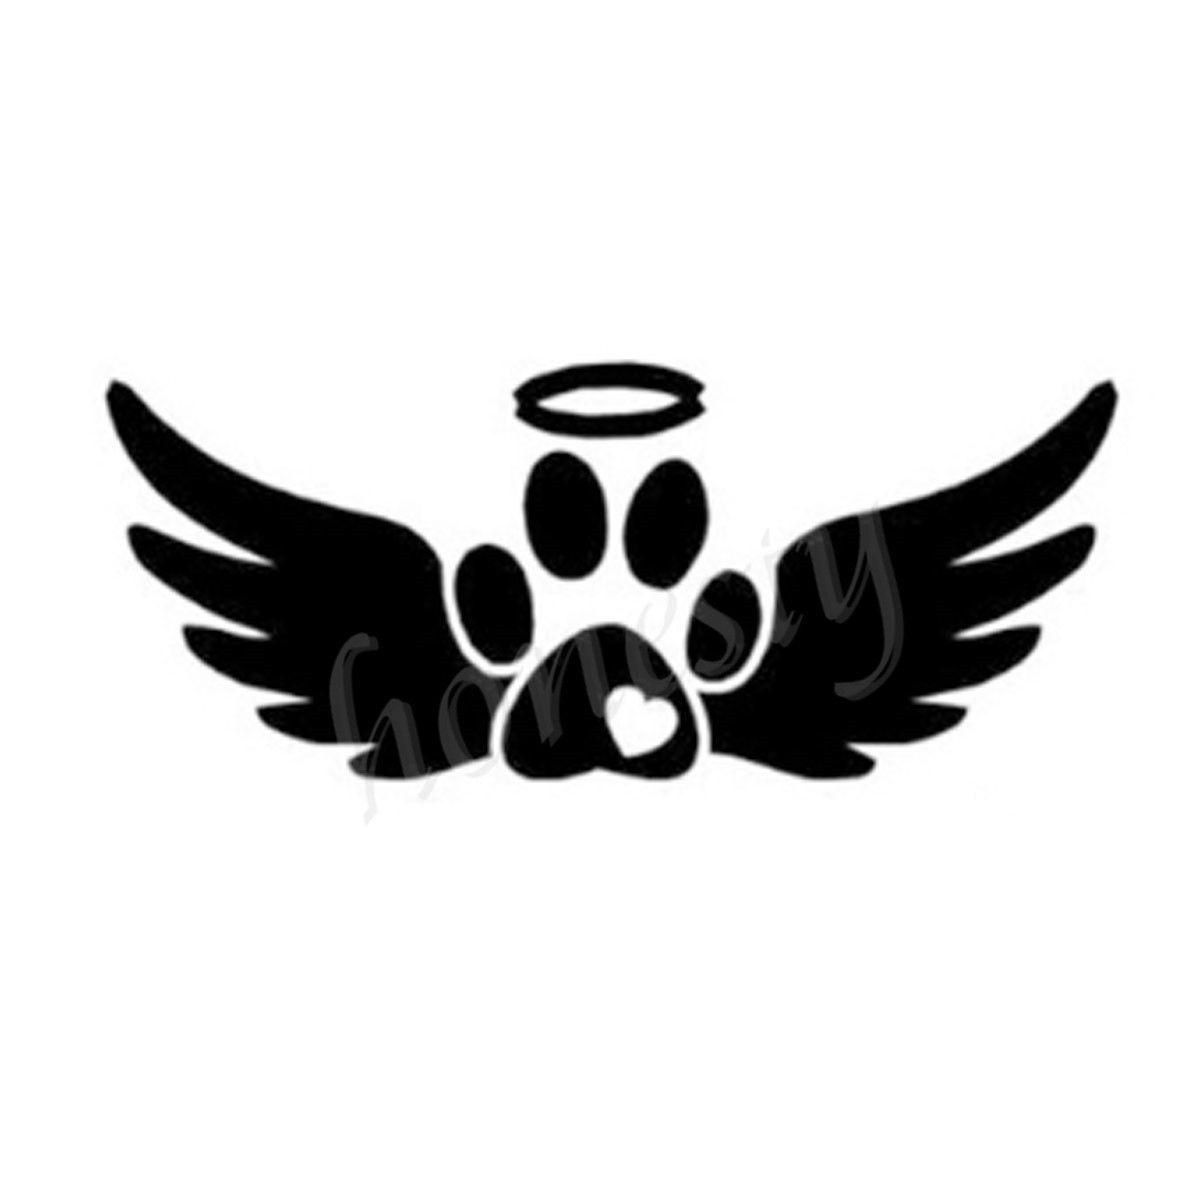 Resultado de imagen para angel wings with paw print | Alas ...